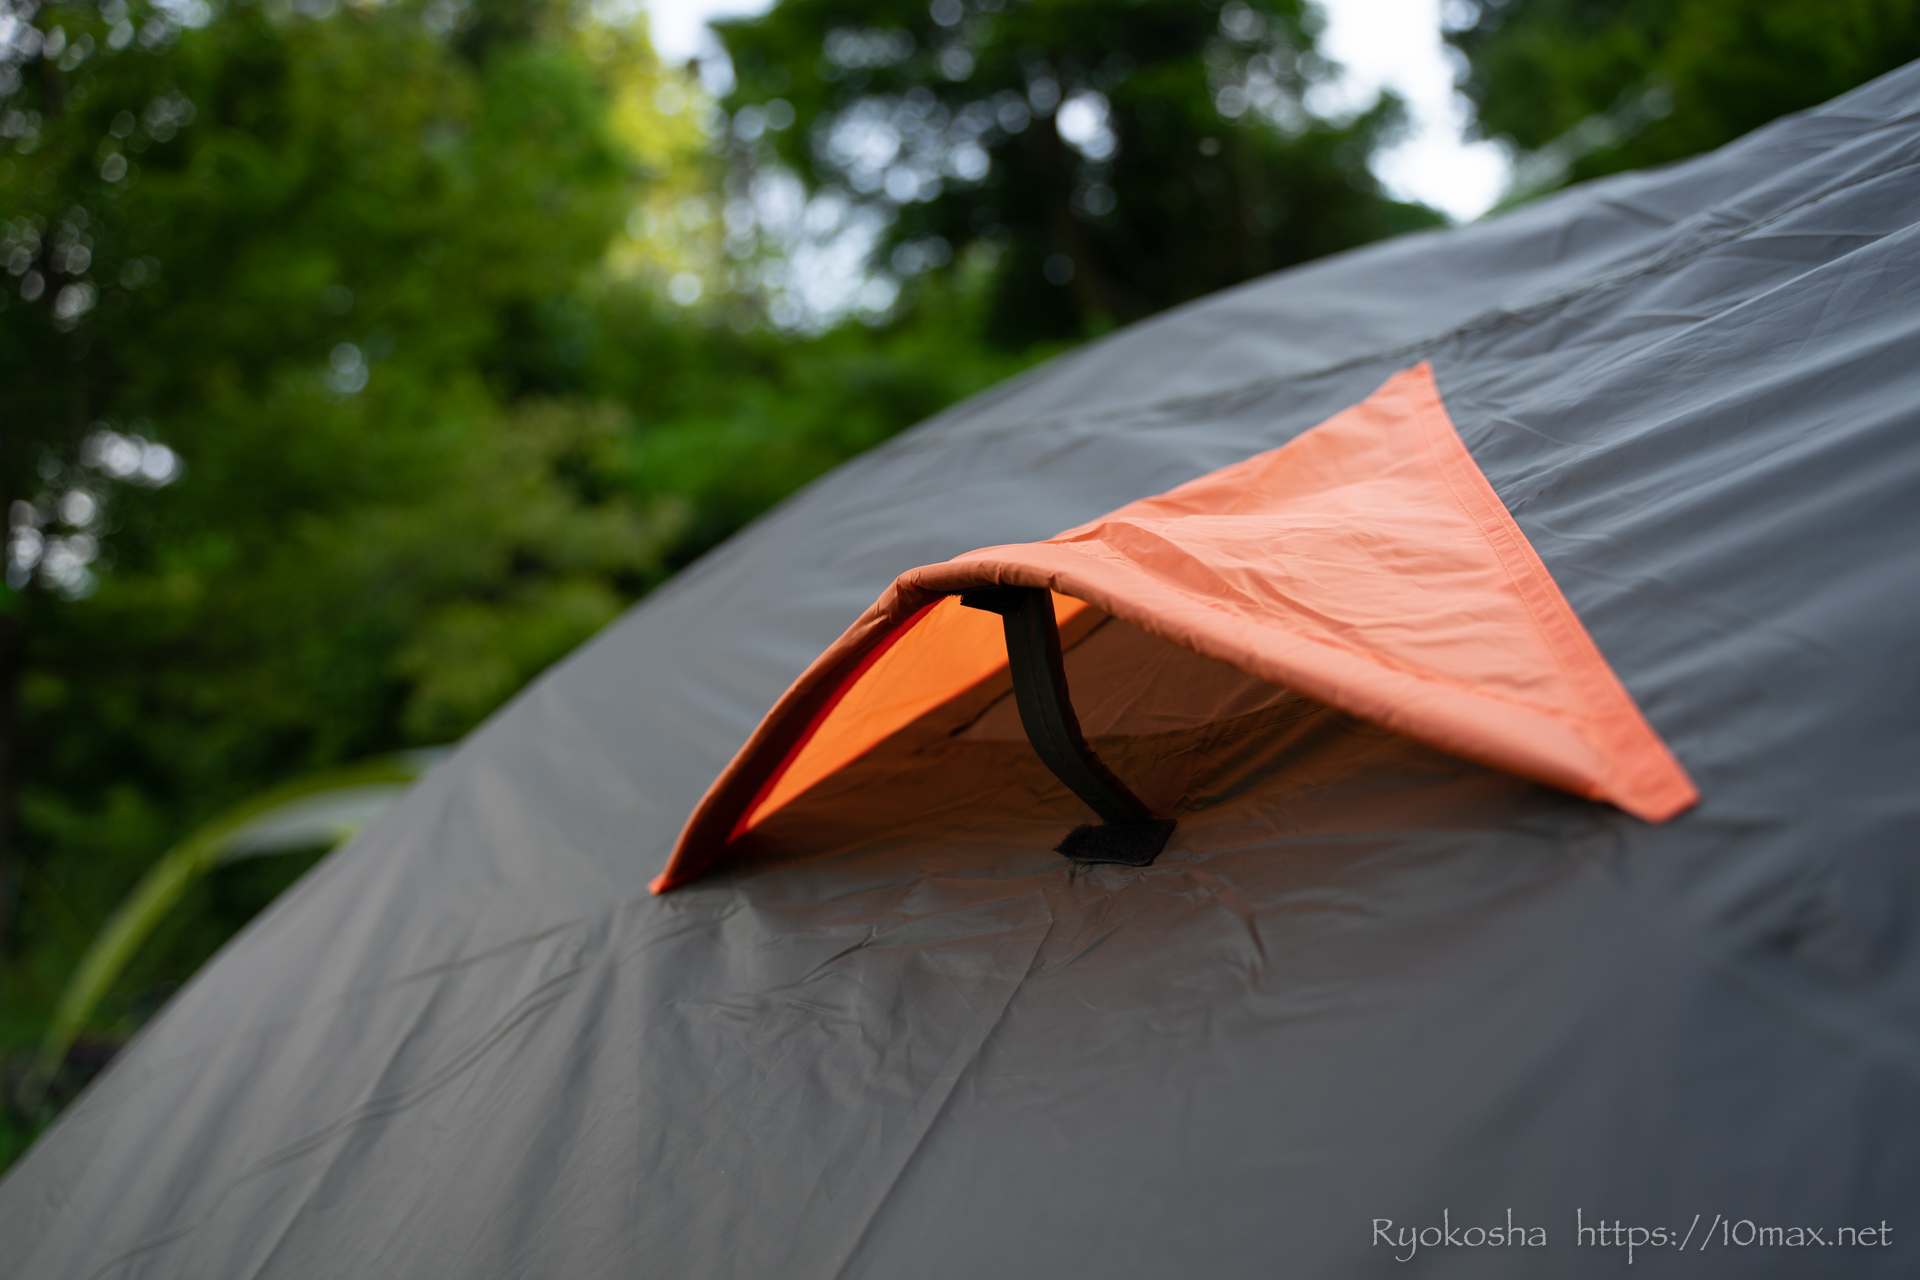 ハヤブサテントTM-501 設営簡単 軽量コンパクト 風通し良好 ドームテント 設営方法